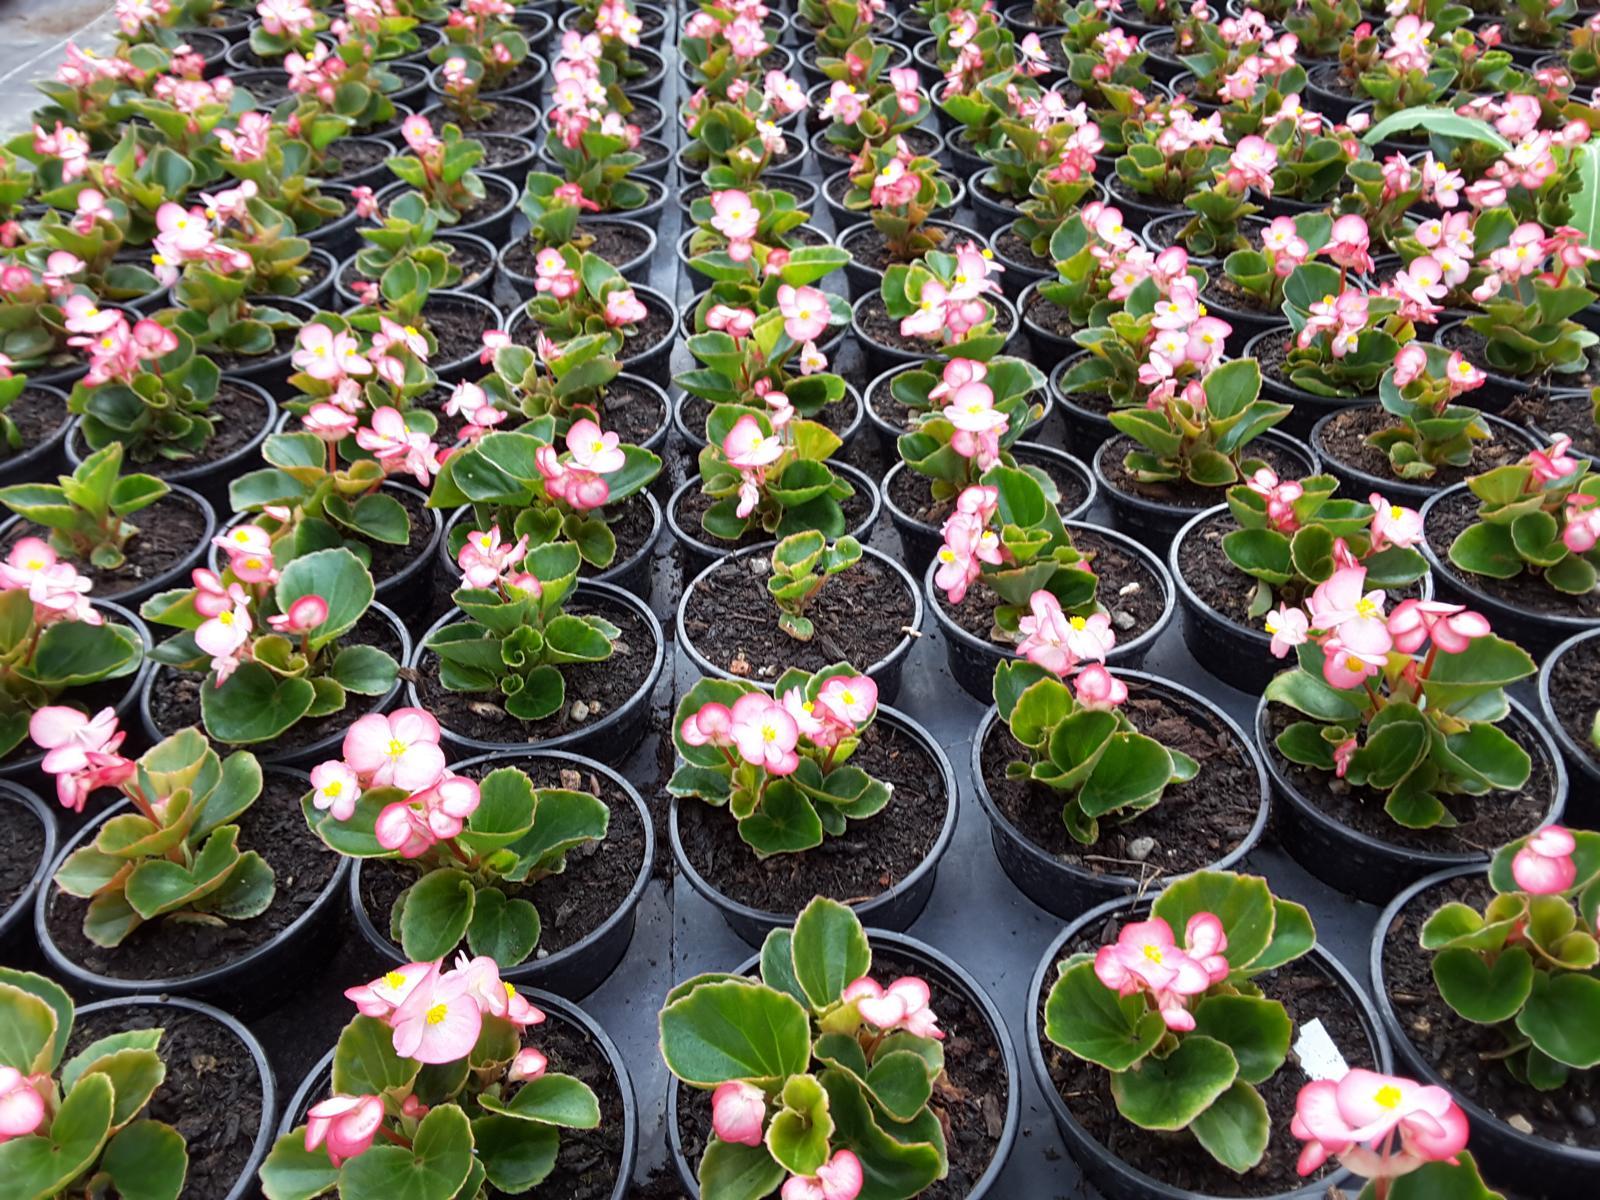 Beet Und Balkonpflanzen Blumen Frumm